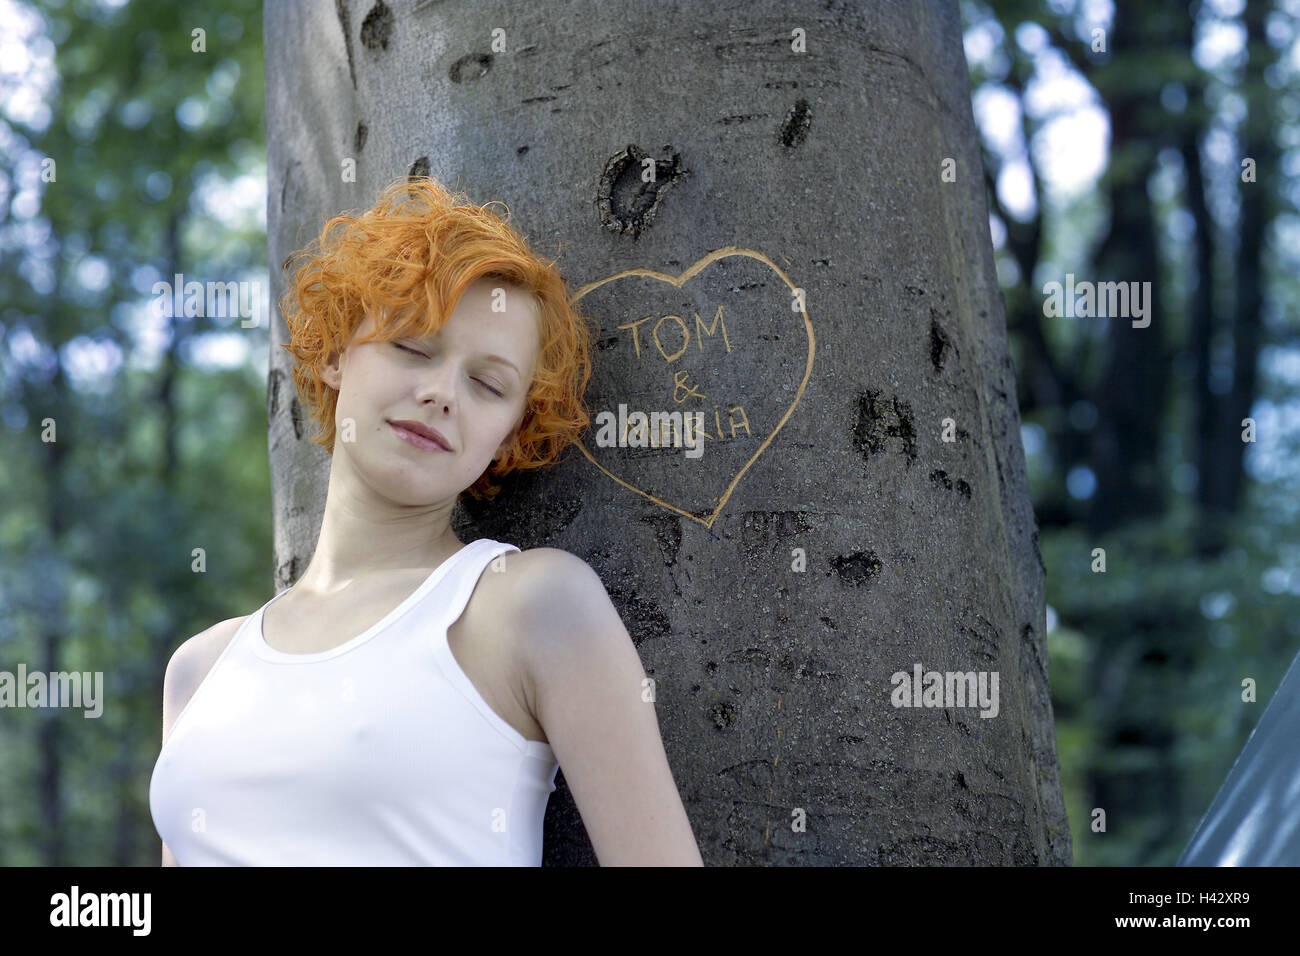 Holz Baum Name Herz Geschnitzt Frau Augen Geschlossen